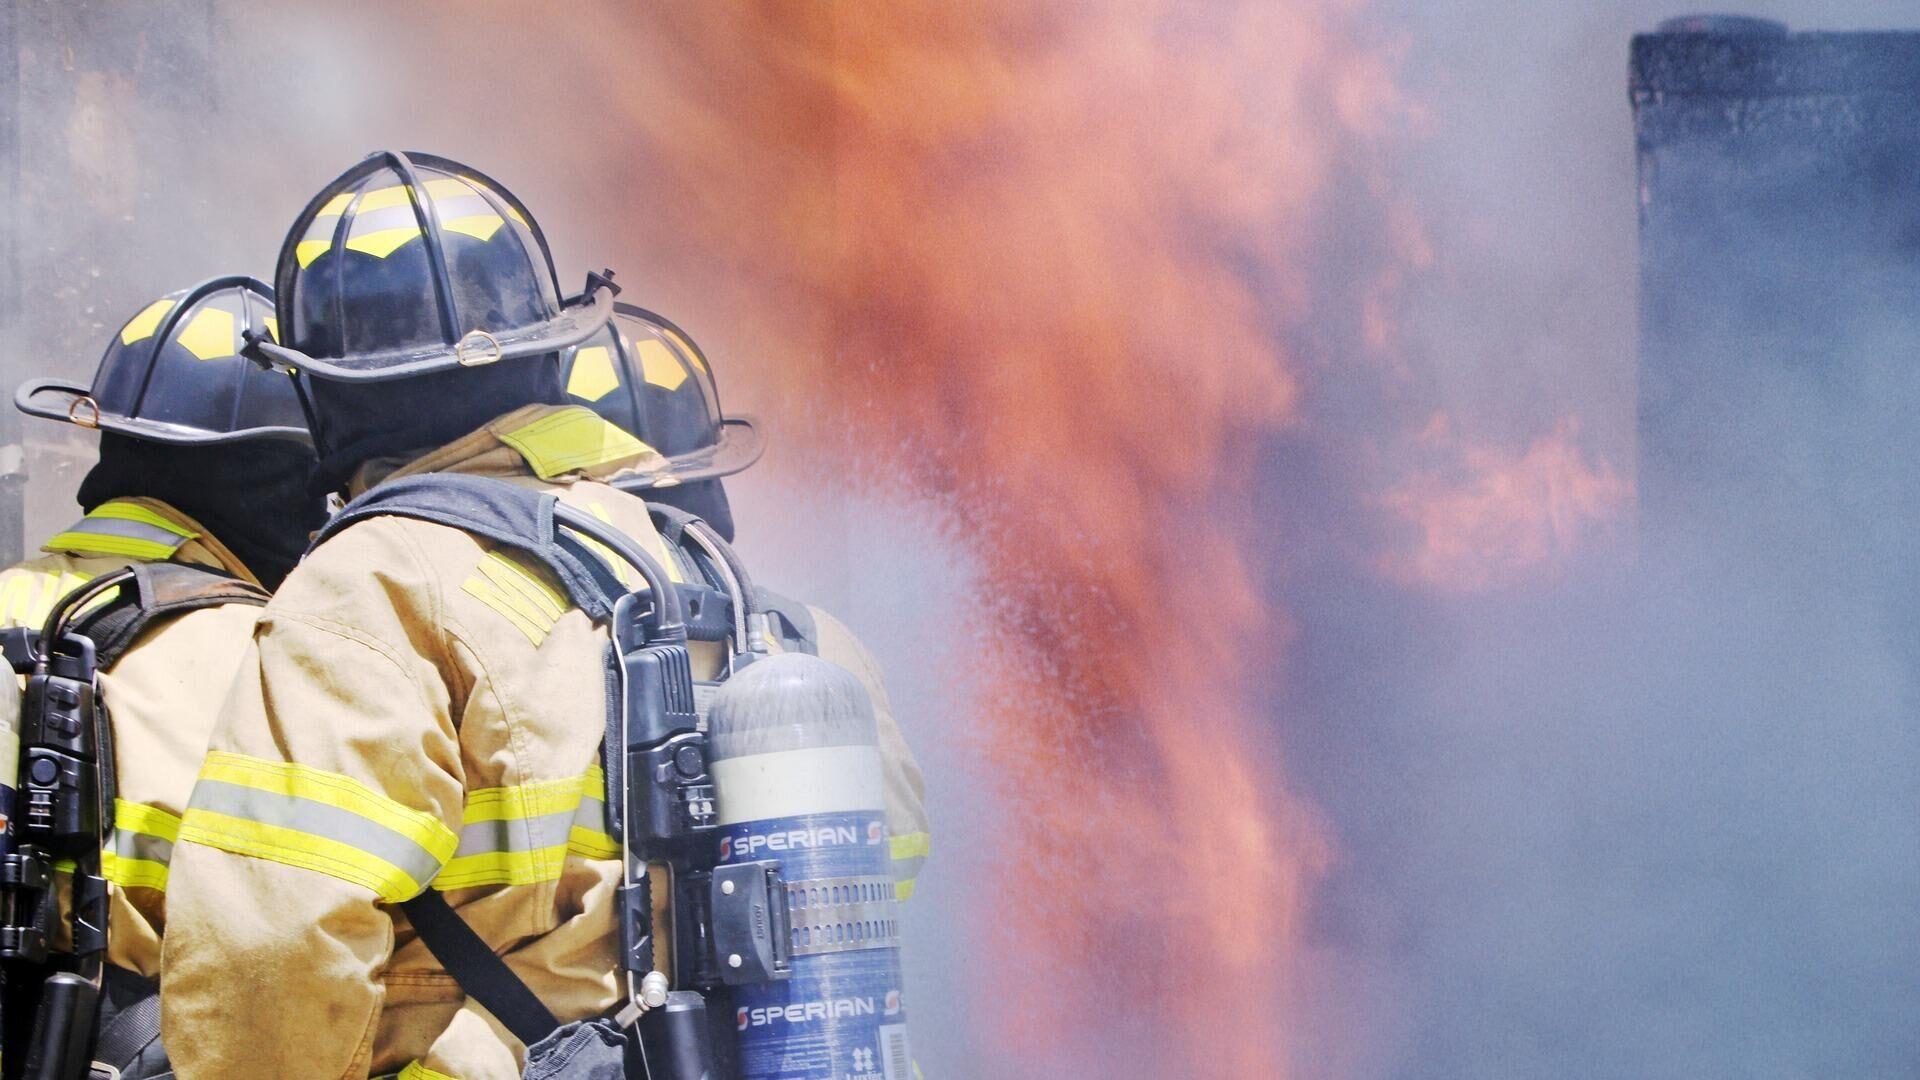 Feuerwehr (Symbolbild) - SNA, 1920, 10.07.2021